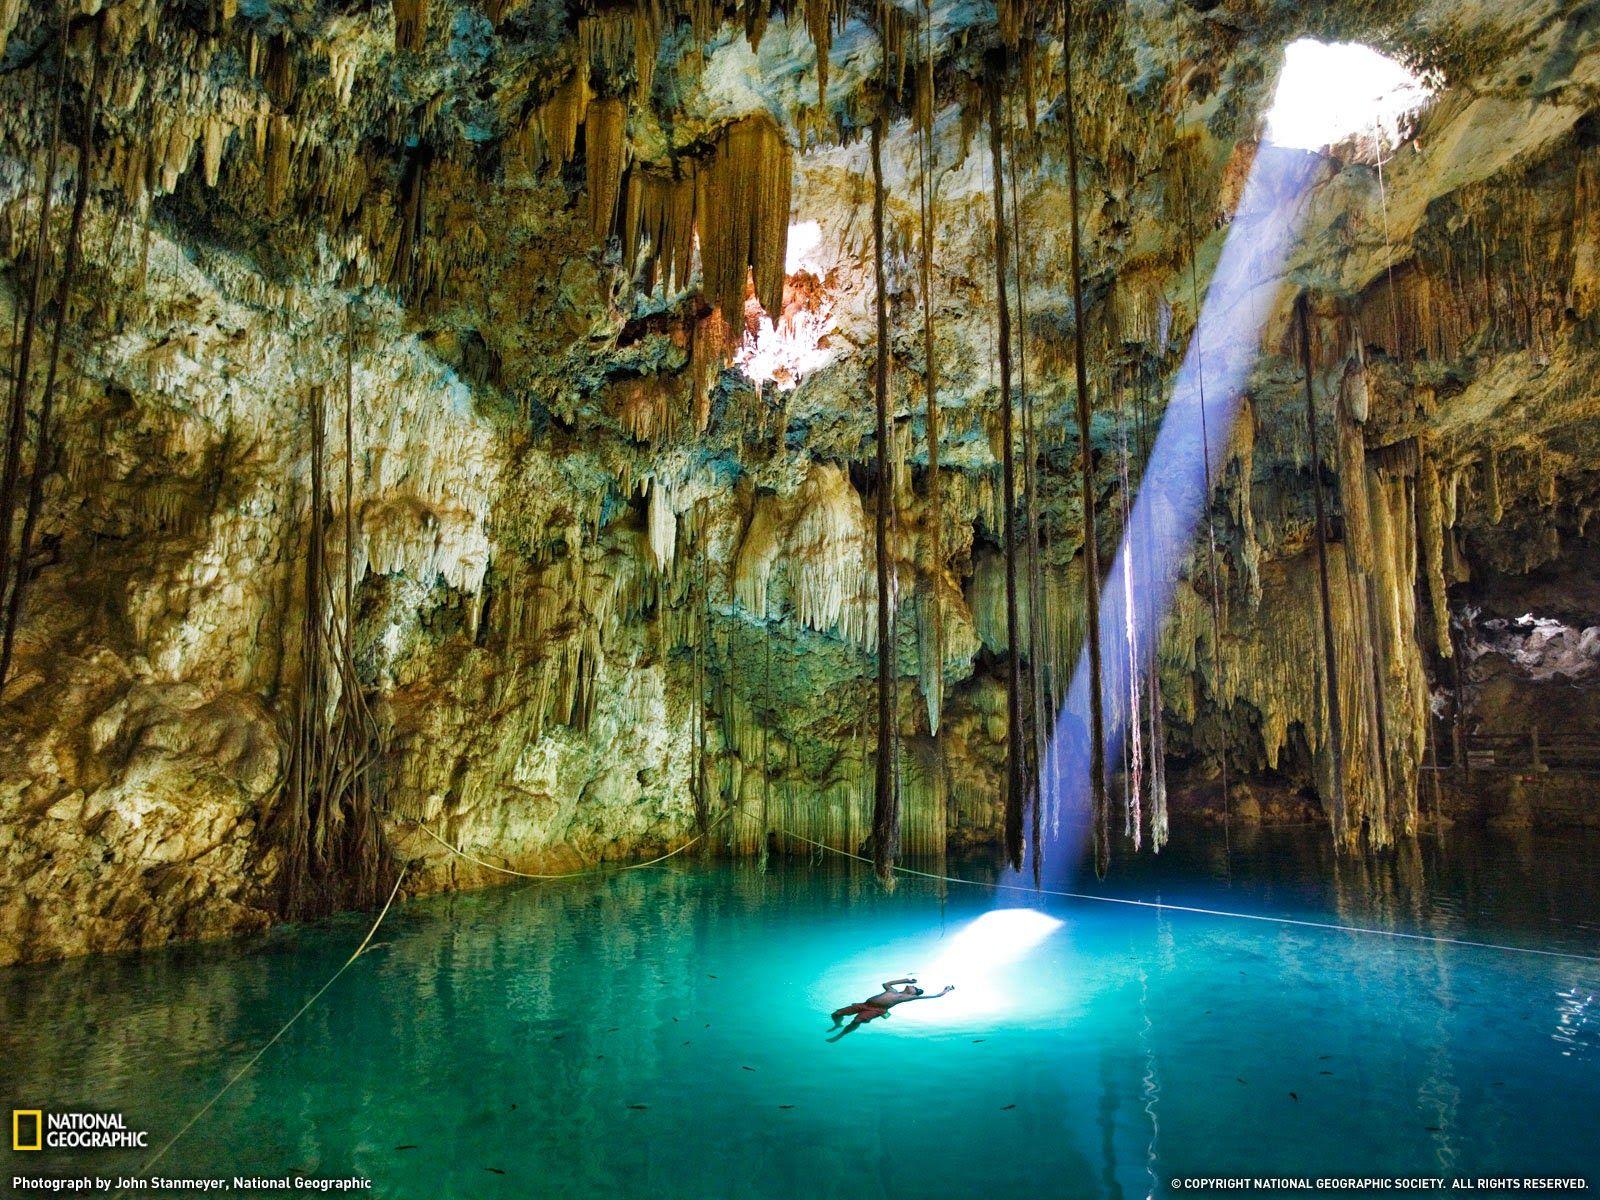 air terjun masih berada di kawasan taman nasional bromo tengger semeru berada di sebelah with homeland probolinggo